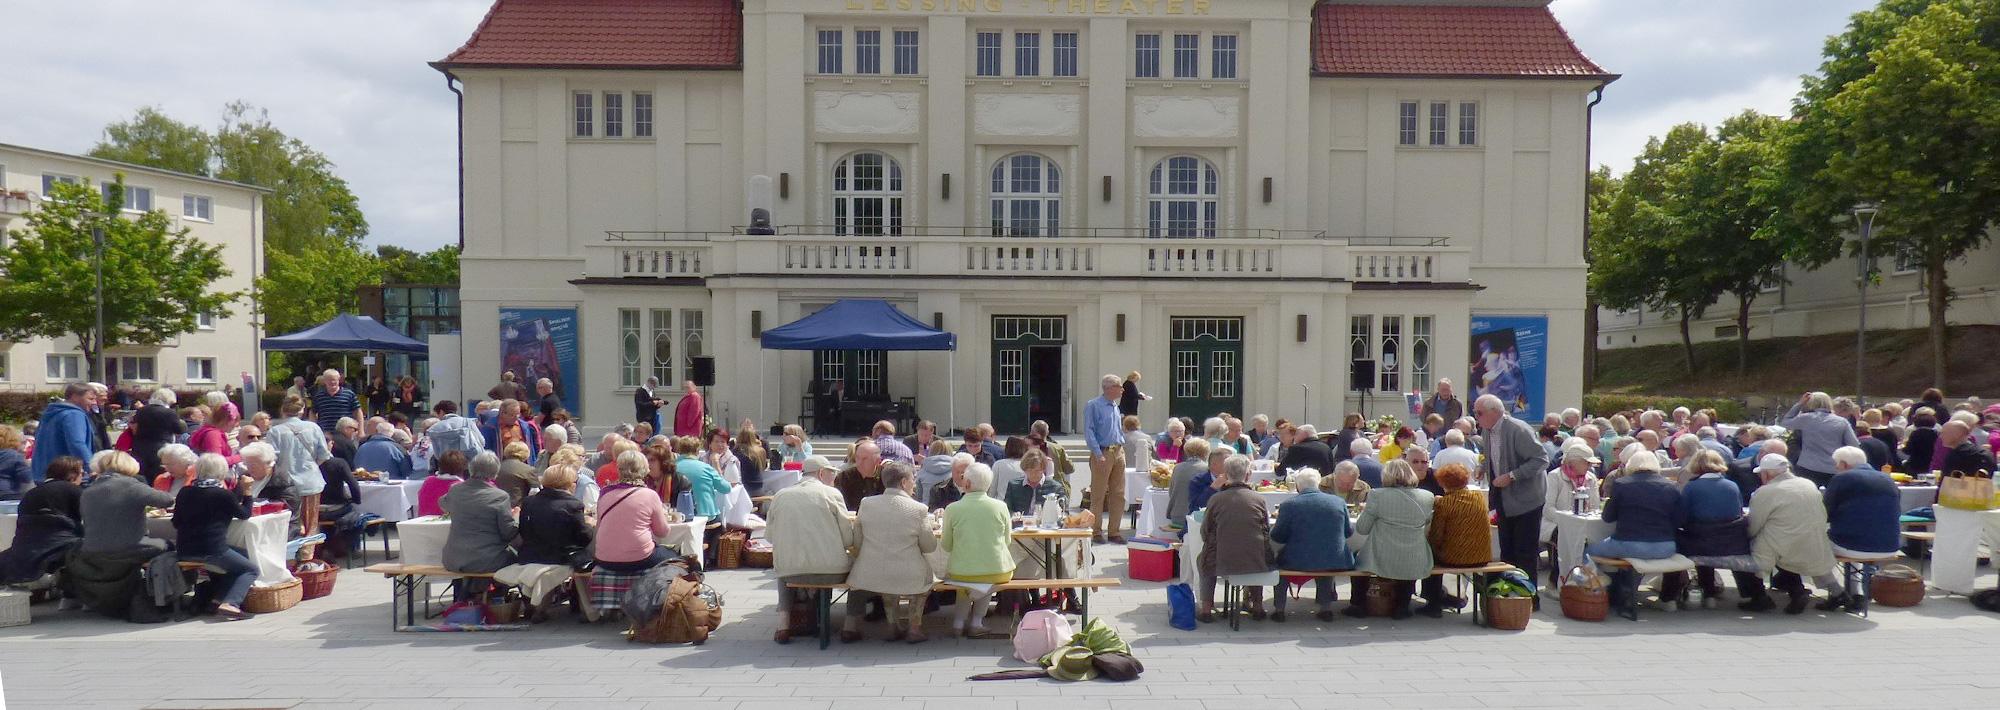 Kulturbund der Lessingstadt Wolfenbüttel e.V. - Theaterfrühstück